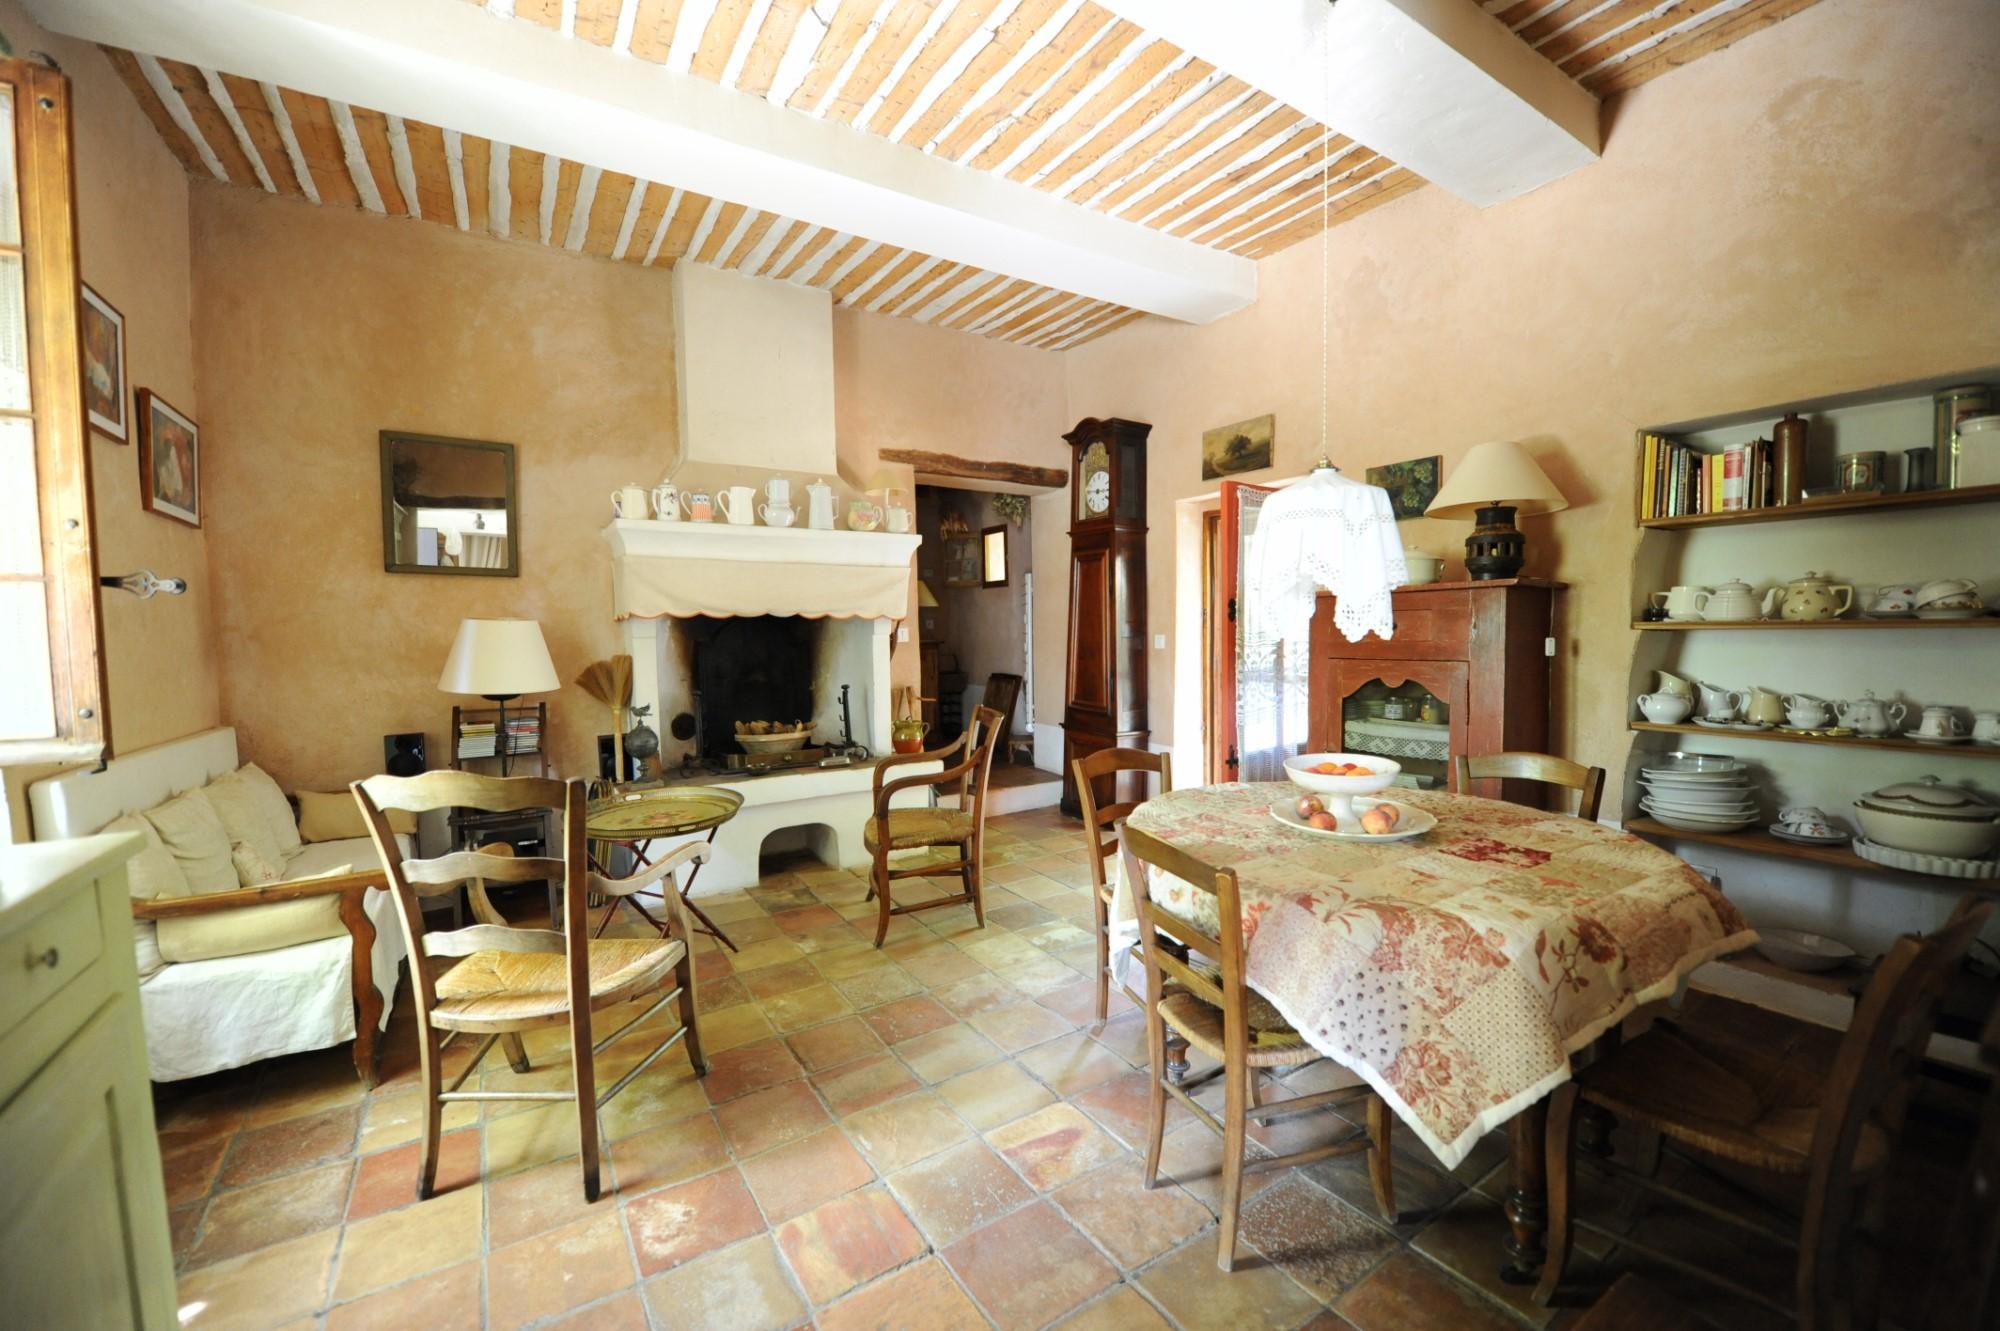 A vendre en Luberon, jolie maison de hameau avec grand jardin